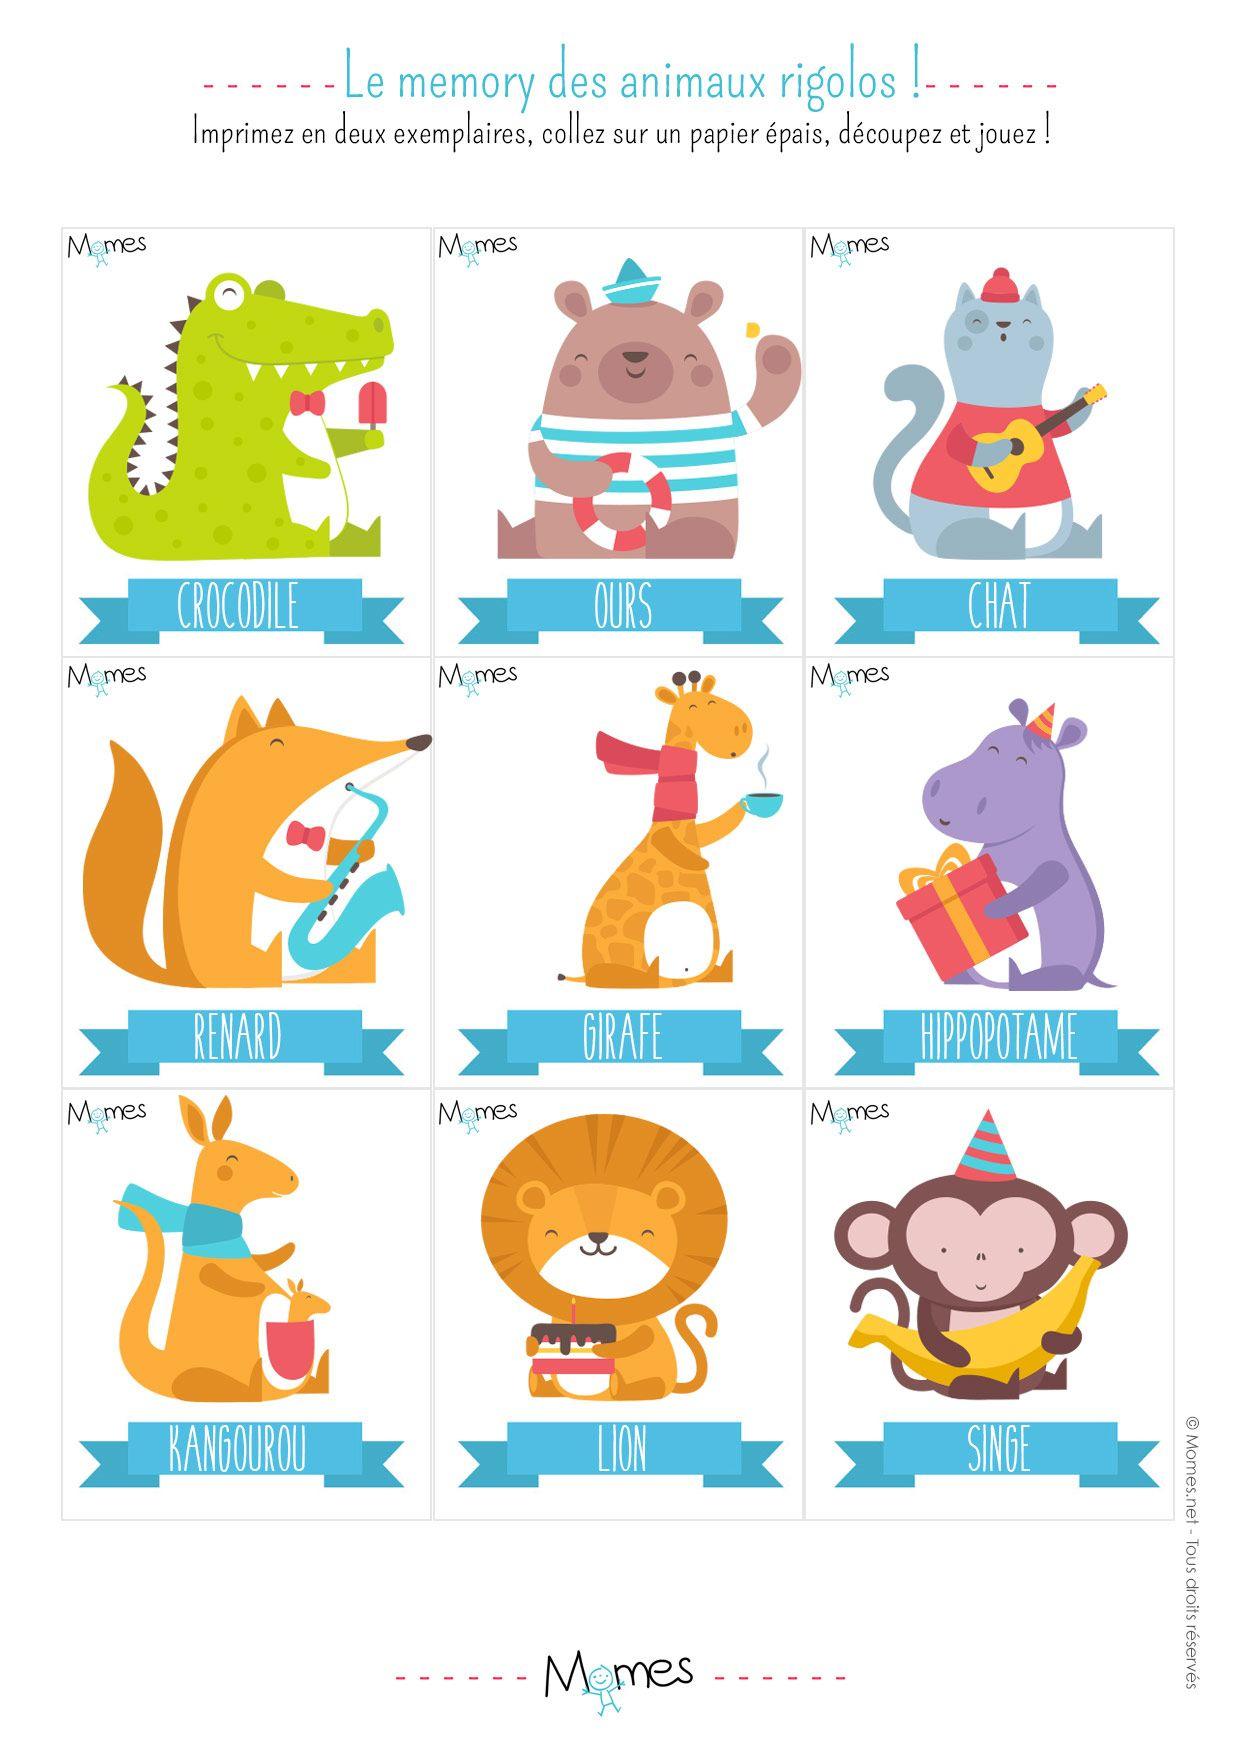 Memory Animaux - Jeu À Imprimer   Jeux A Imprimer, Jeu De intérieur Jeux De Bébé Animaux Gratuit